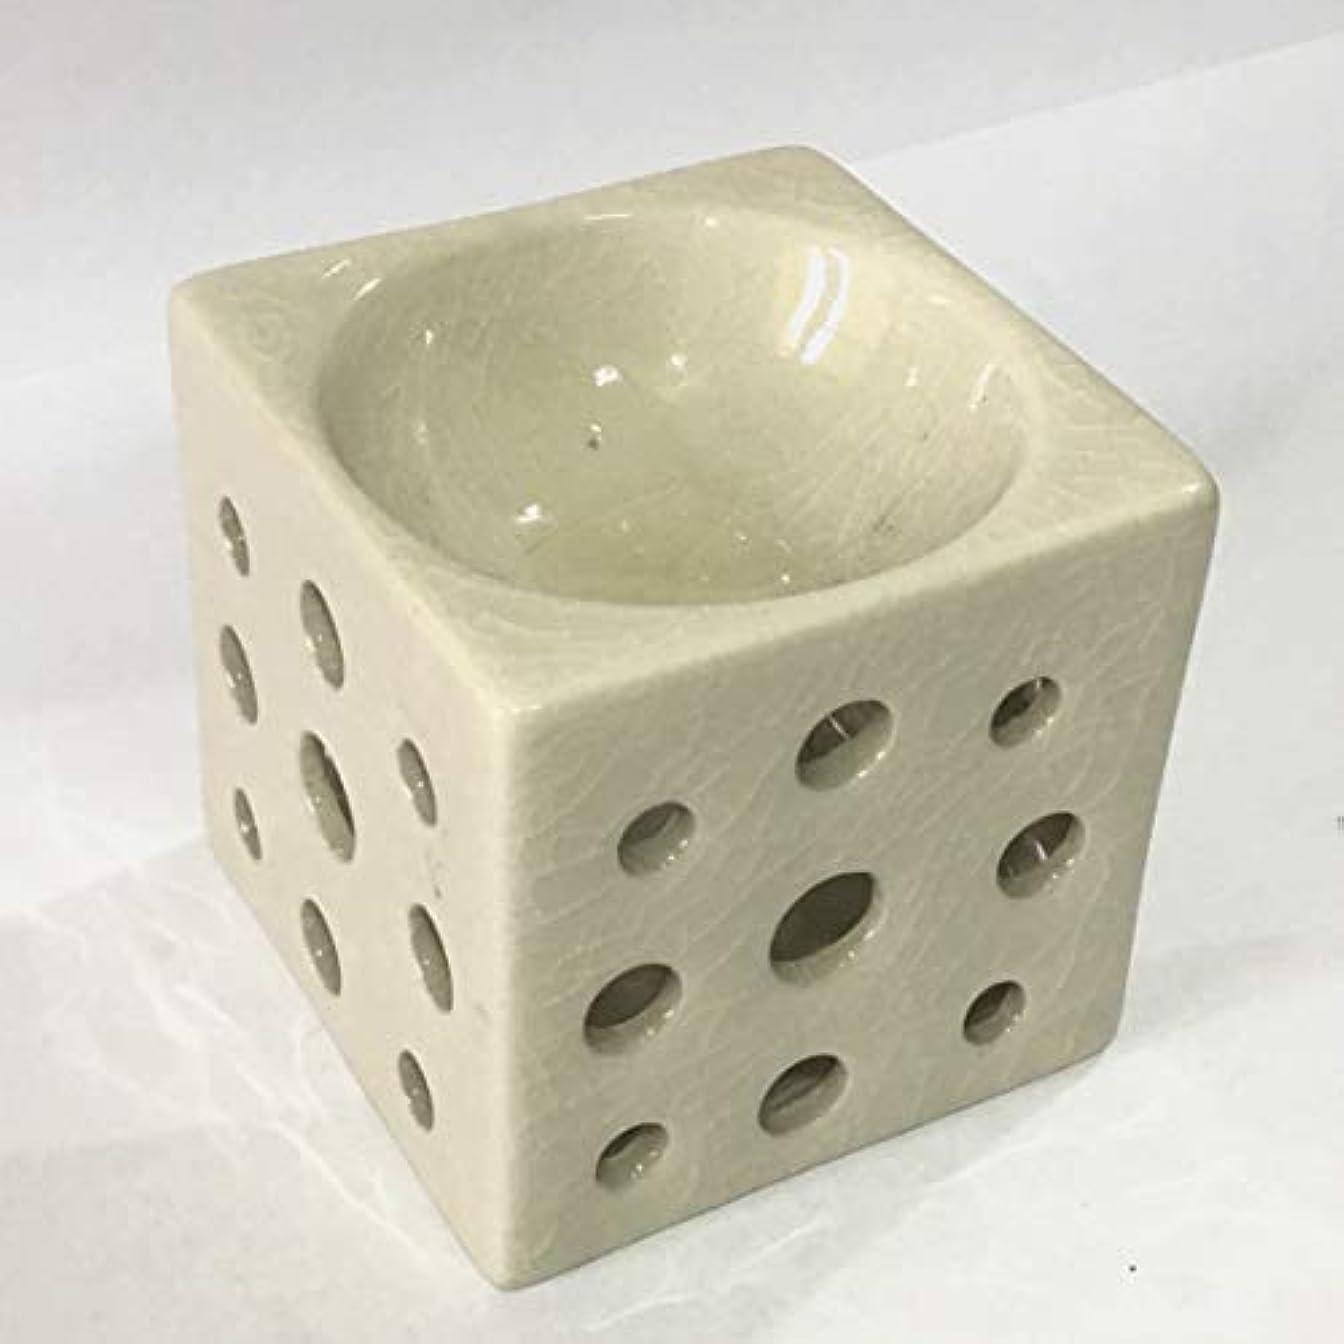 不安定な昼寝親密なアロマポット 角型(白) 香炉 陶器 アロマ炉 キャンドル式 オイルバーナー